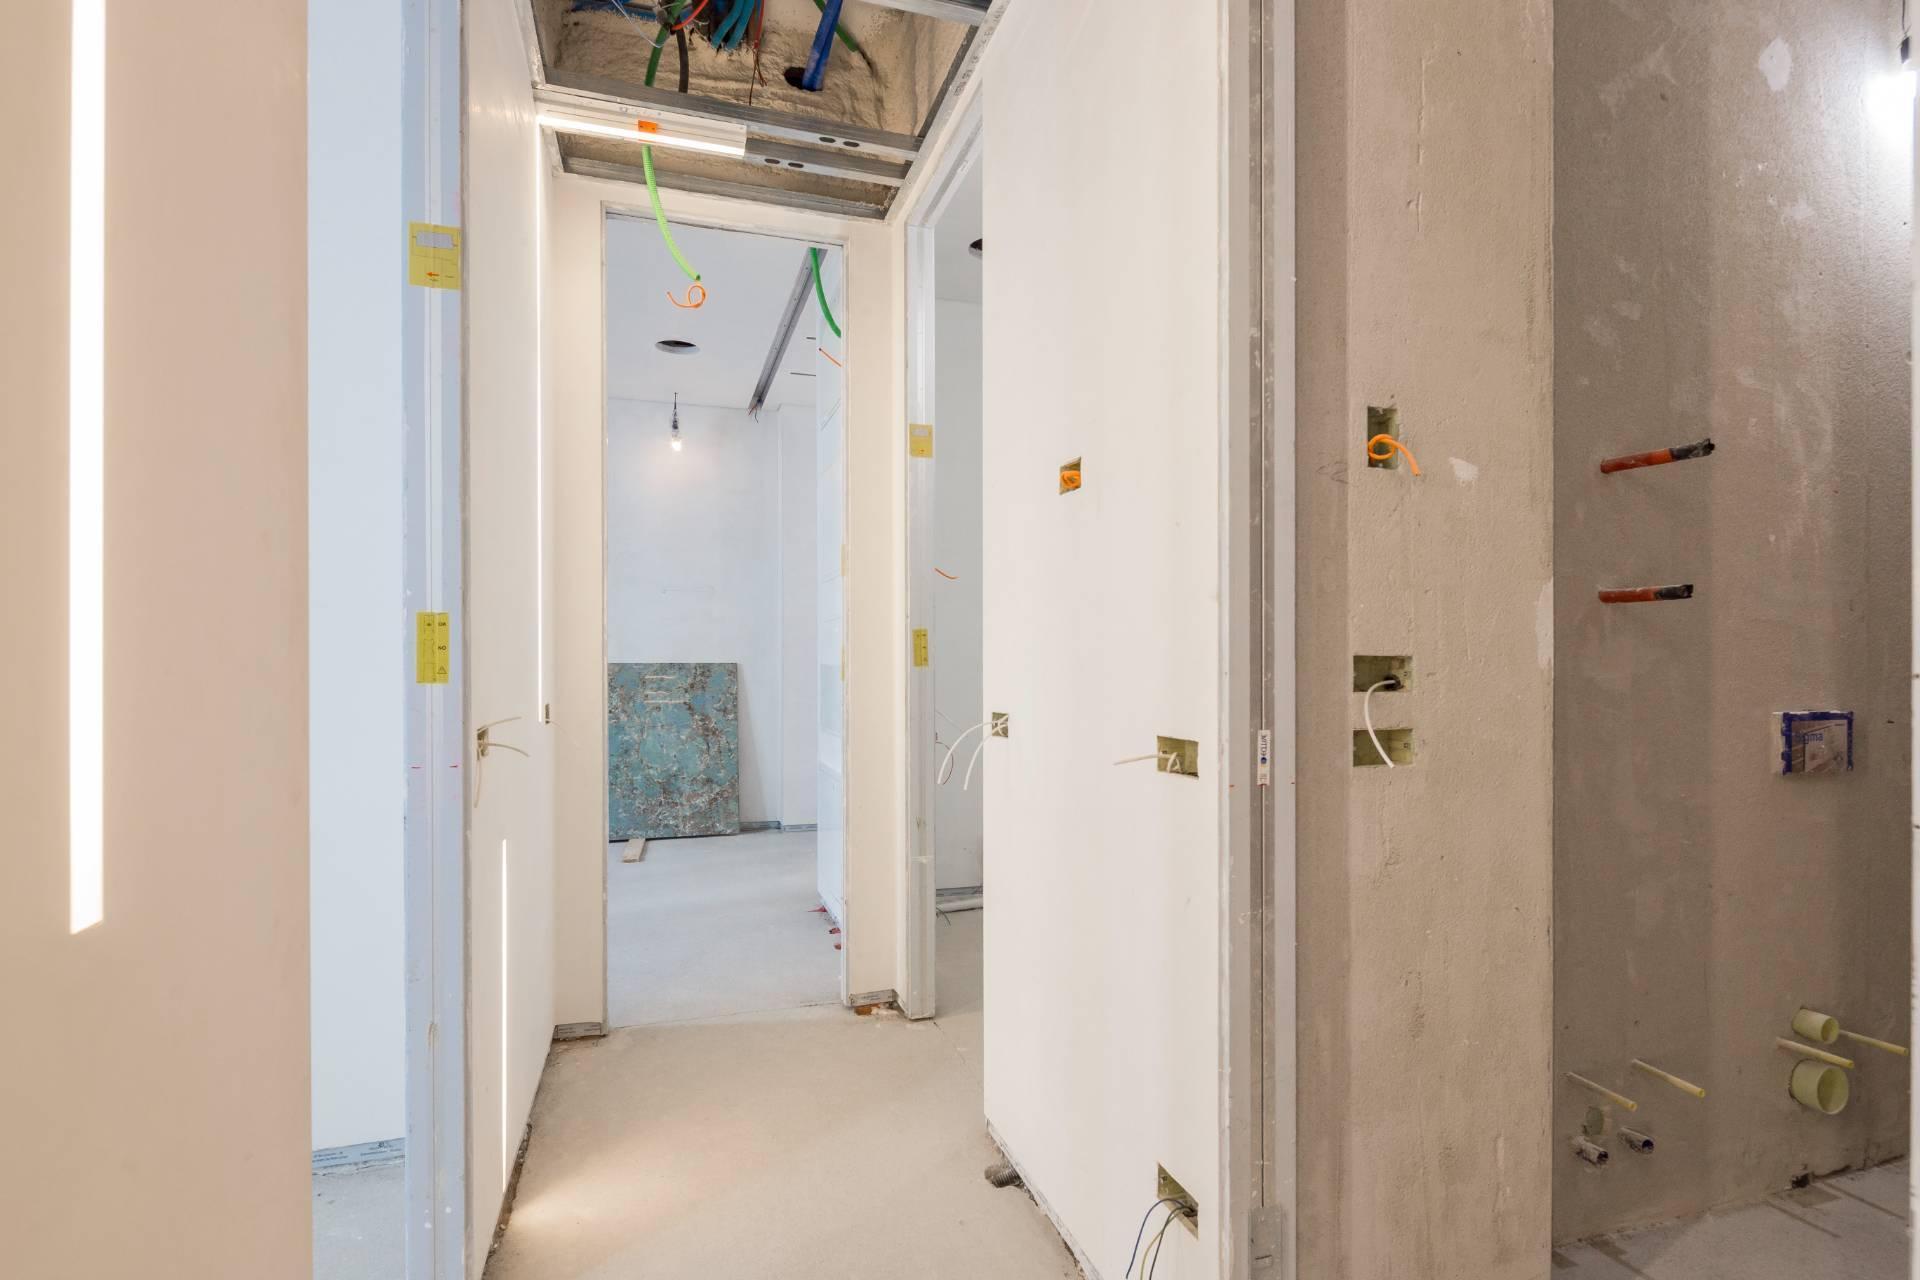 Appartamento signorile in Via Mascagni - 6